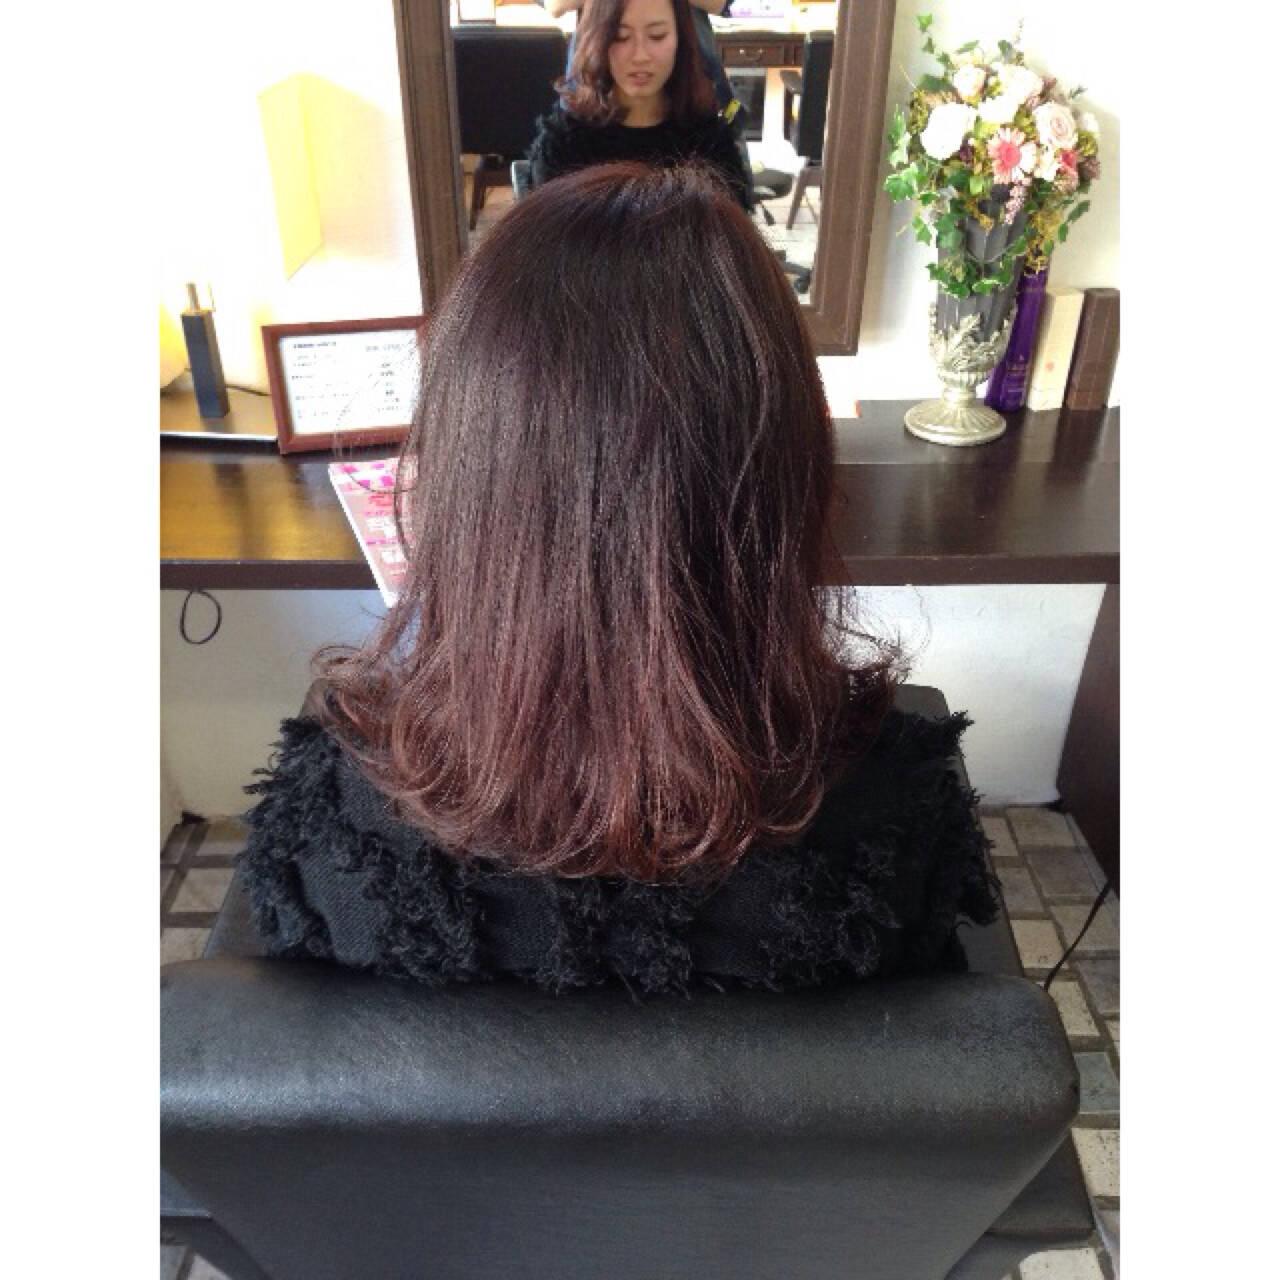 グラデーションカラー ミディアム ゆるふわ 暗髪ヘアスタイルや髪型の写真・画像